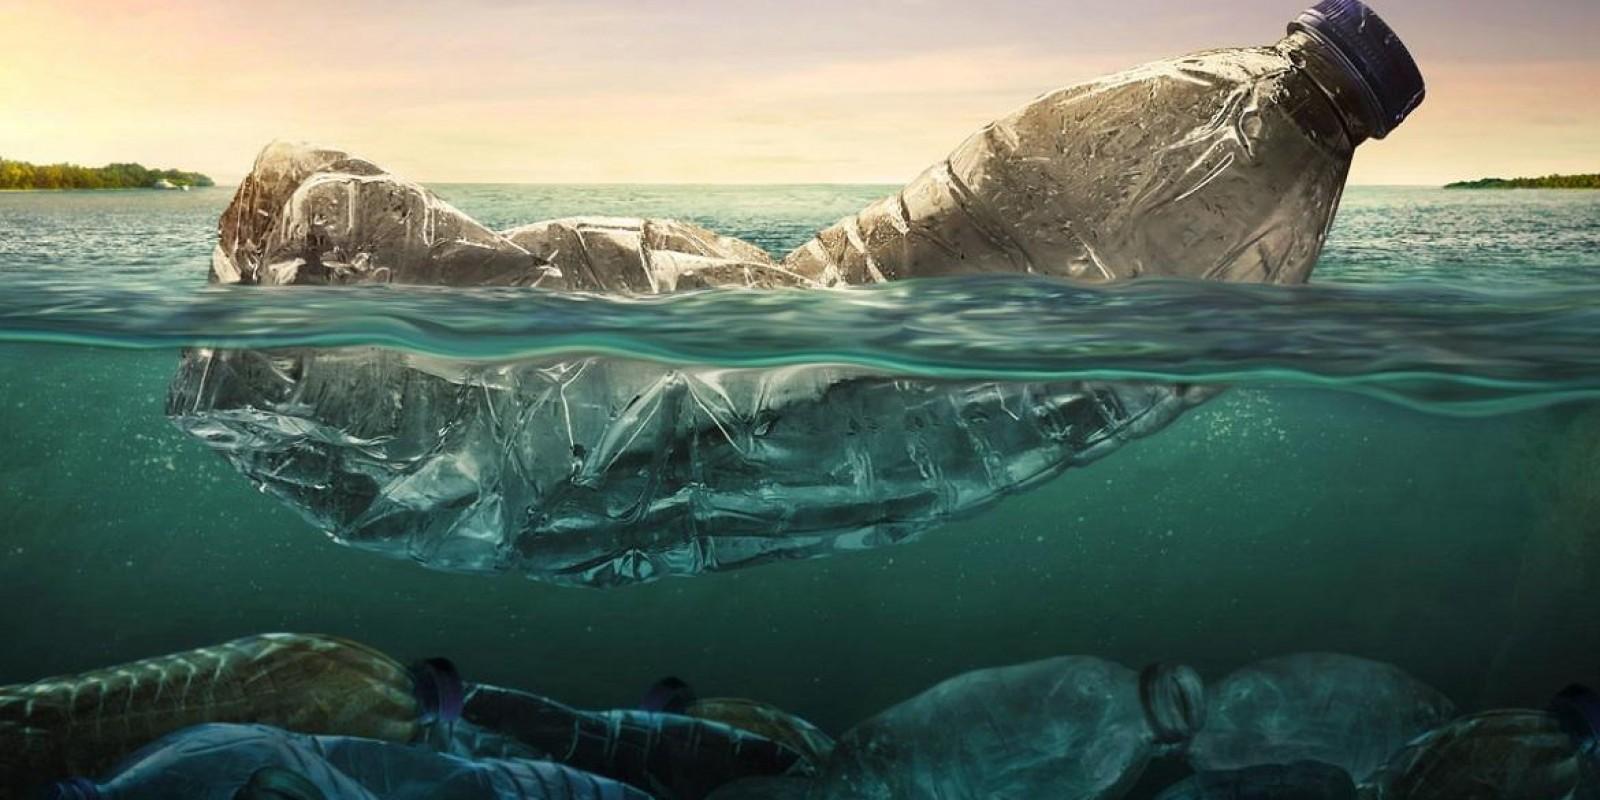 Oceano De Plástico